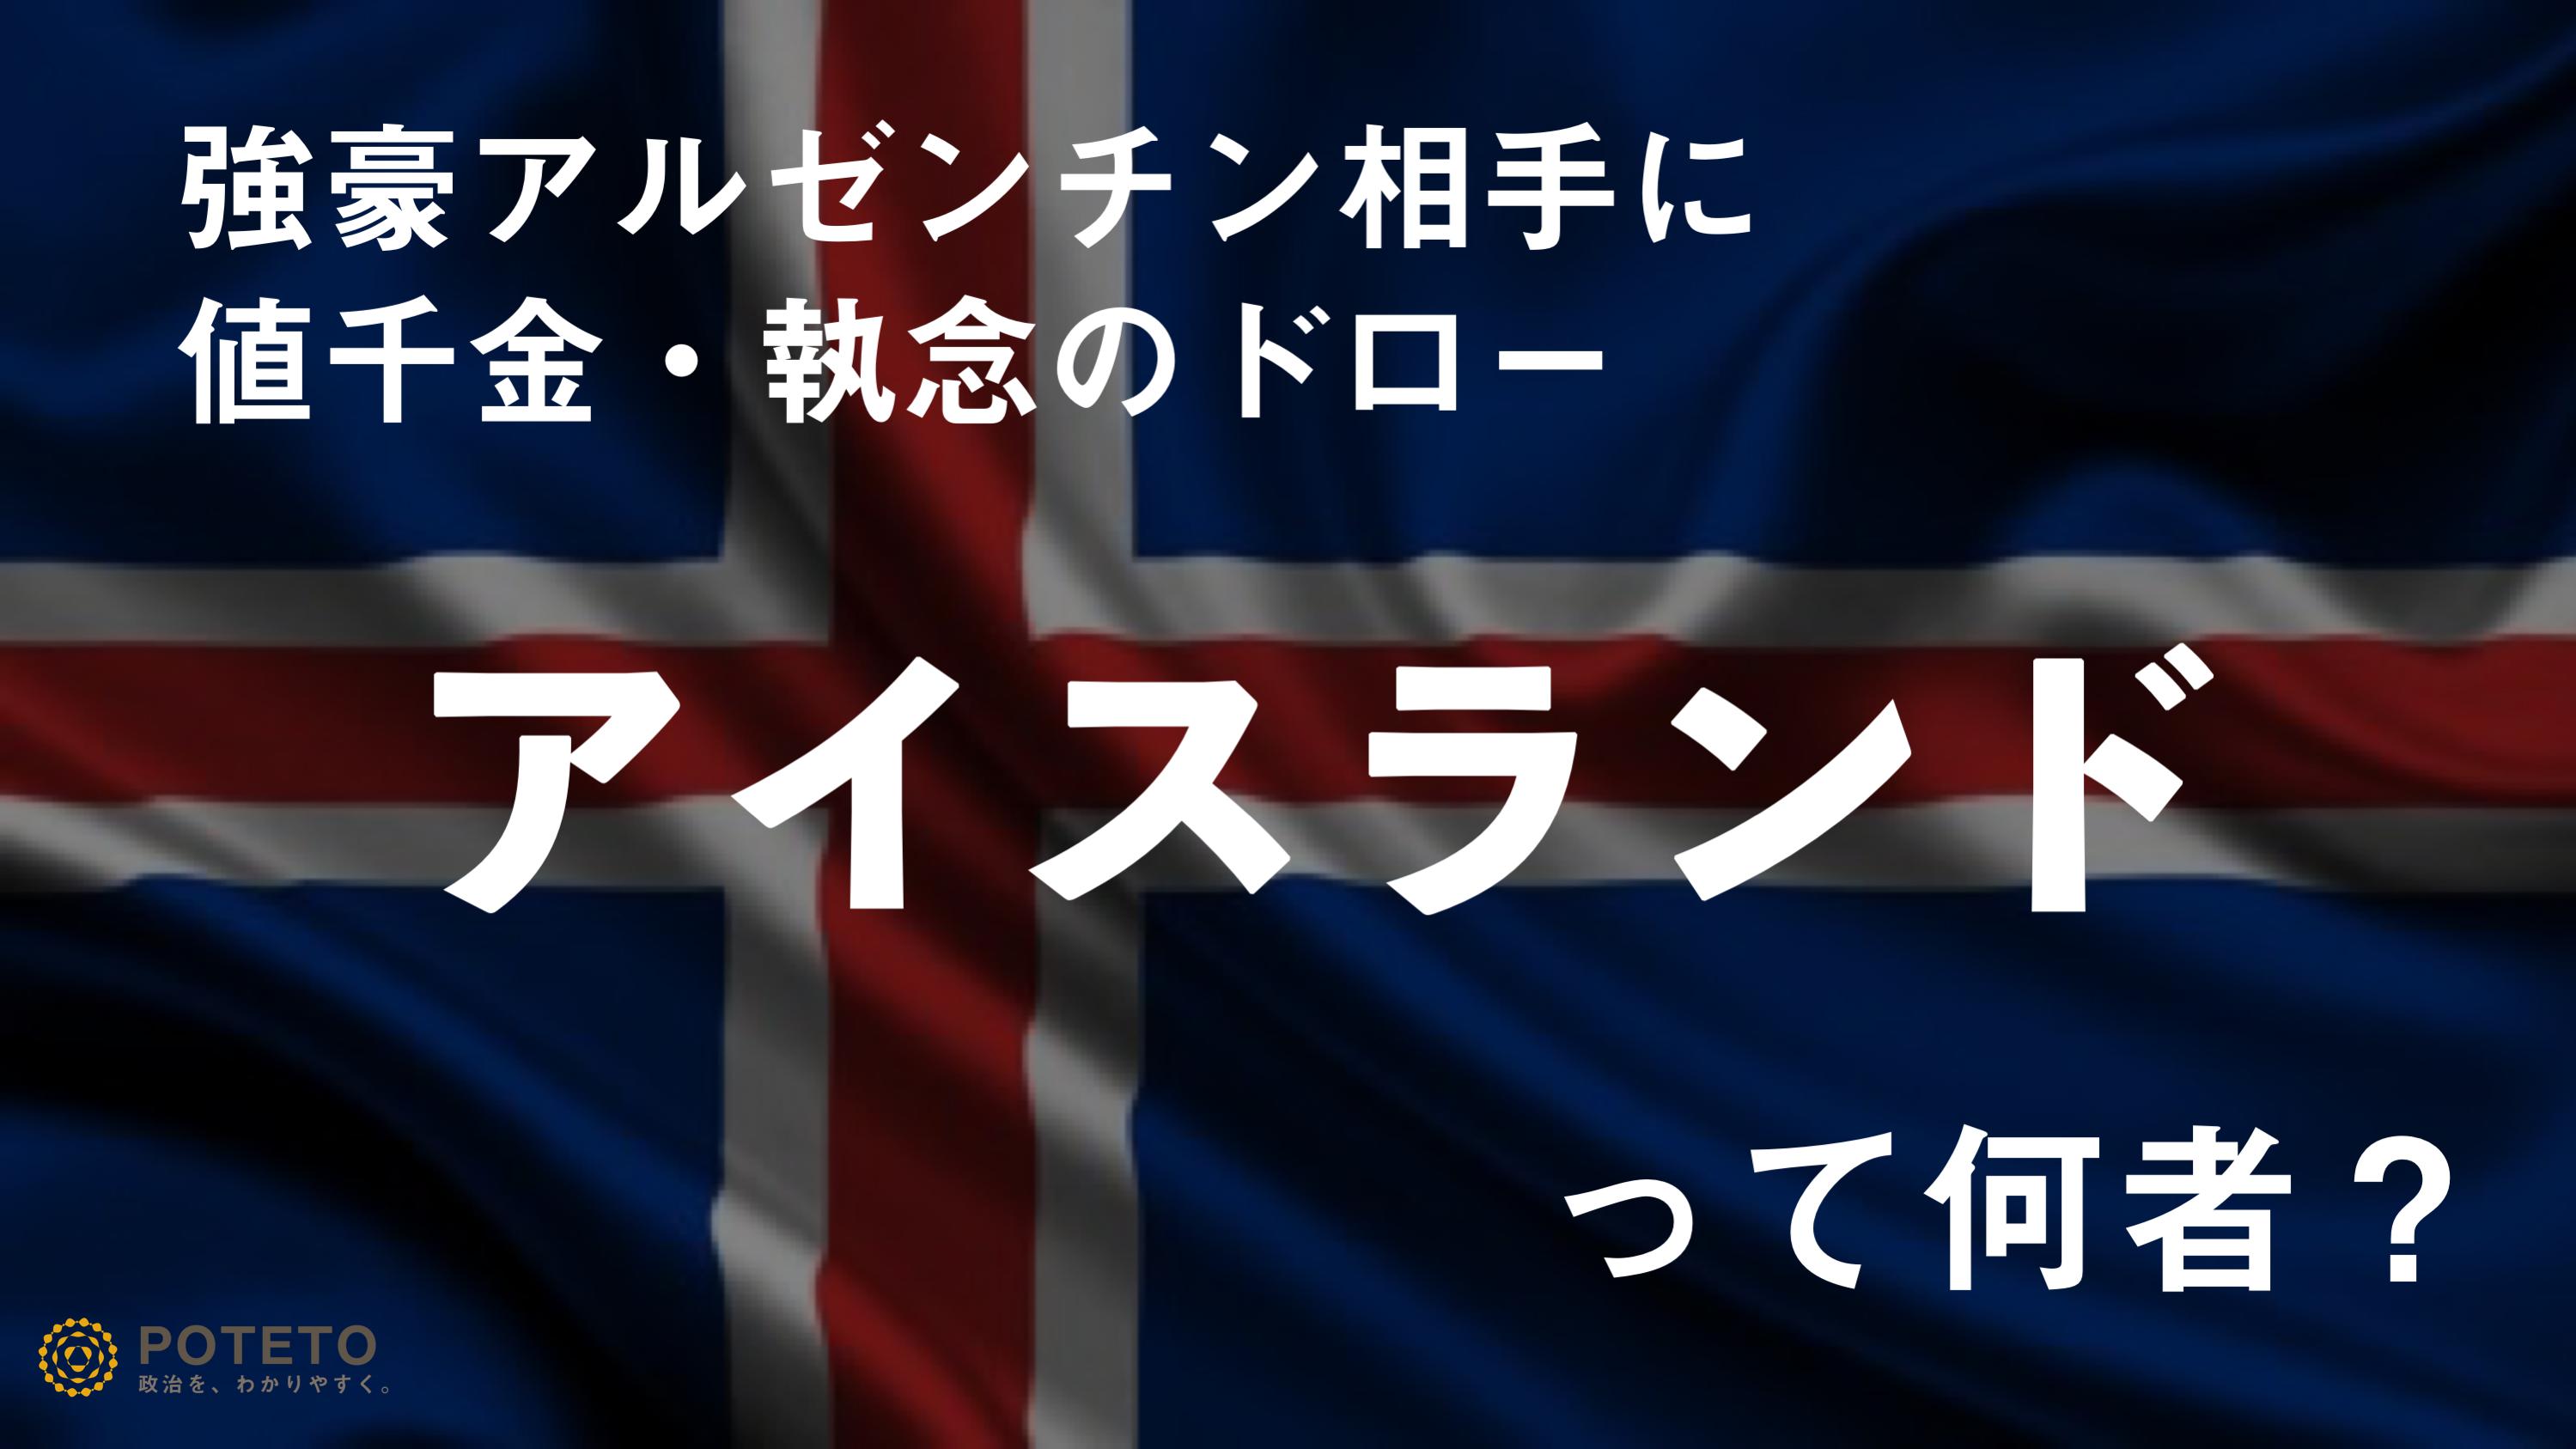 5621deba8a18b839c7a4321764bb05e8 1 - メッシを止めたGKは、元「クリエイター⁉︎」<br>少数精鋭・「ダークホース」アイスランドサッカーのユニークな実態とは?